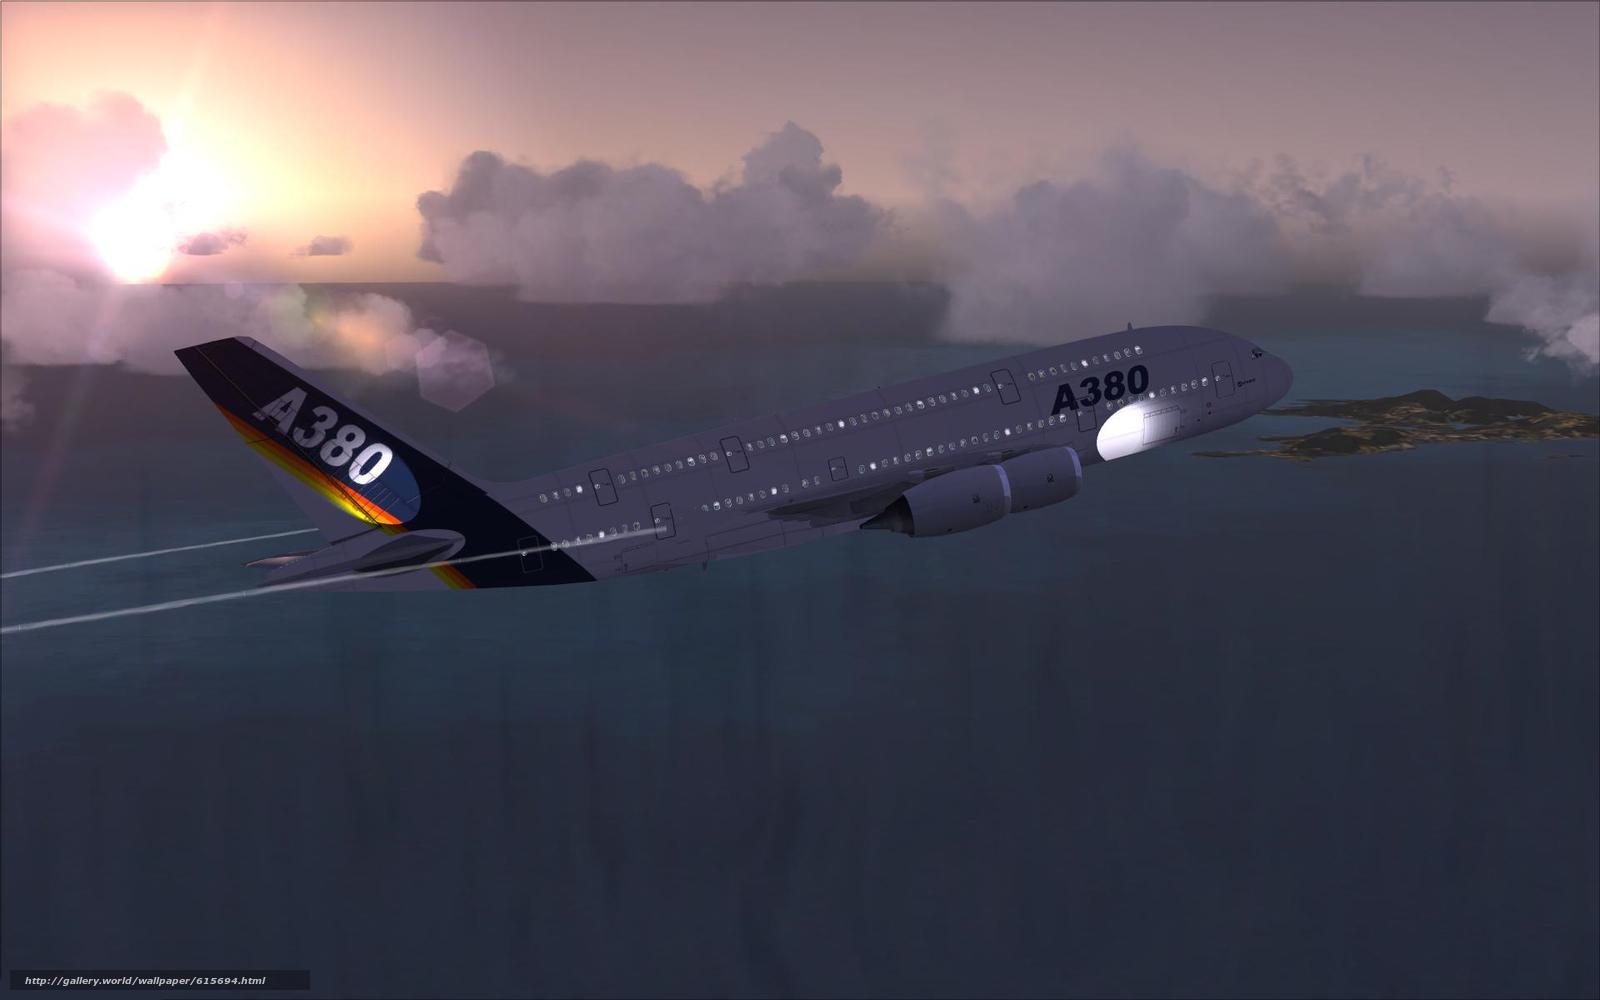 Скачать на телефон обои фото картинку на тему пассажирский, самолёт, аэробус, А380, небо, облака, полет, море, волны, остров, заря, авиация, транспорт, разширение 1920x1200